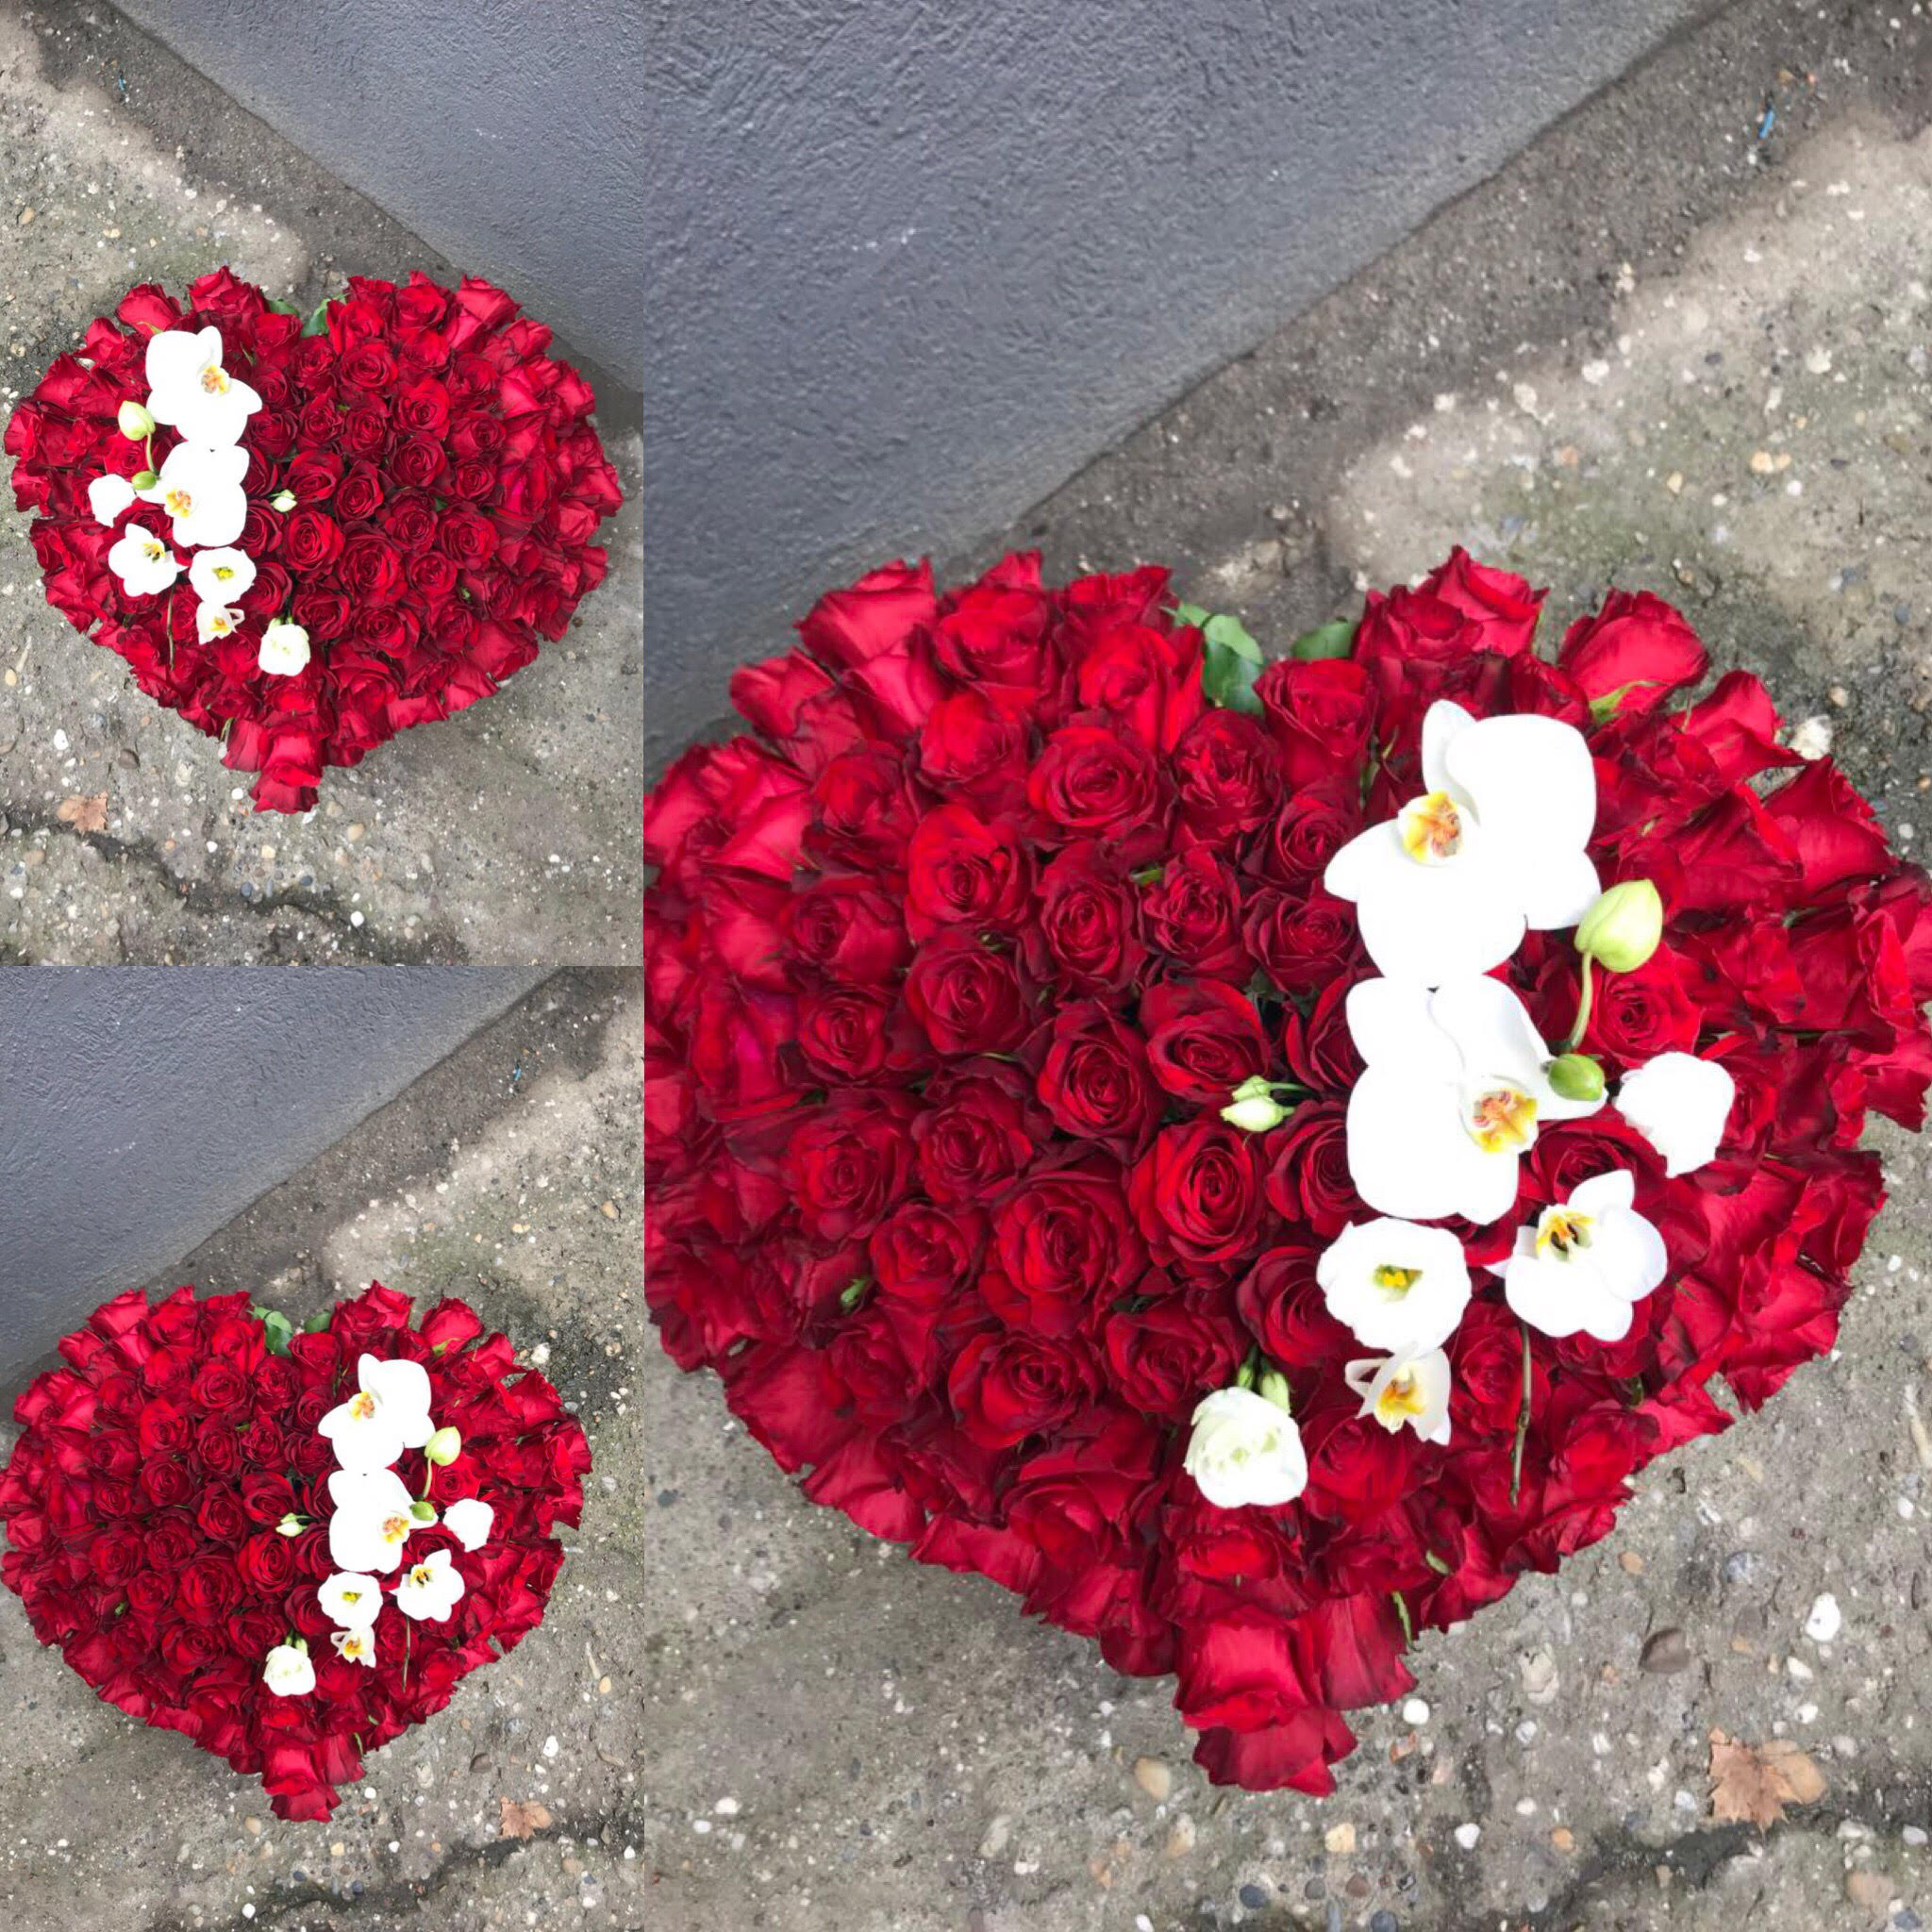 Cvetni aranžman 101 ruža srce sa penelposis orhidejama